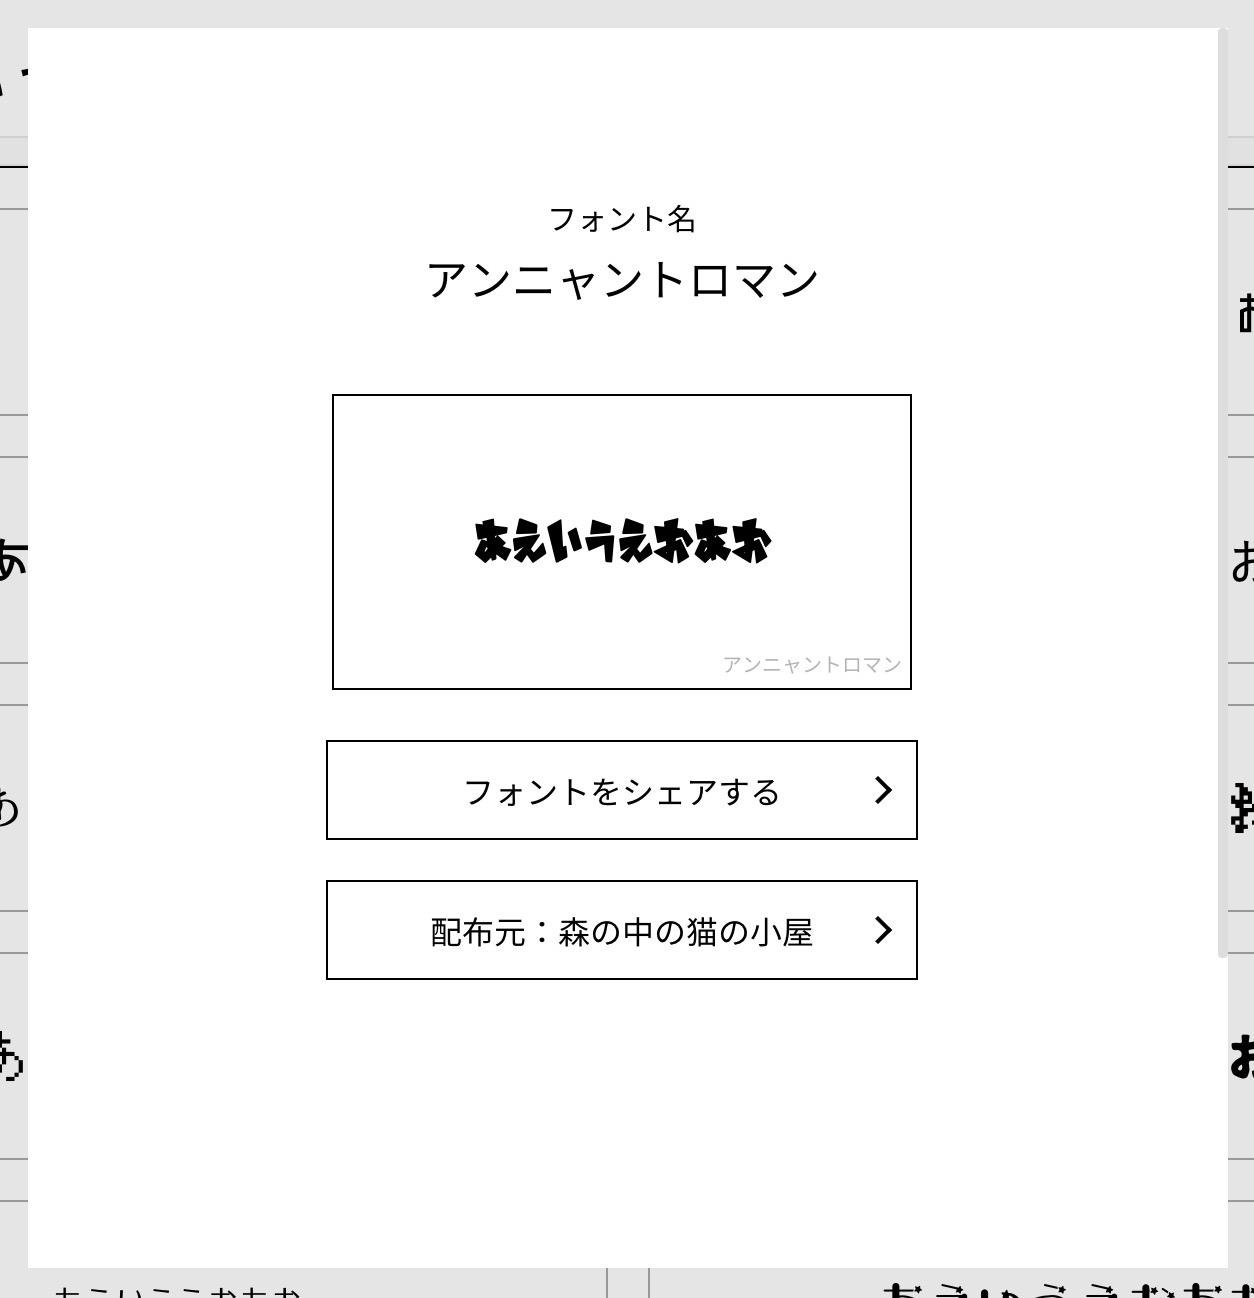 日本語フォントをためせる「ためしがき」 ダウンロード可能